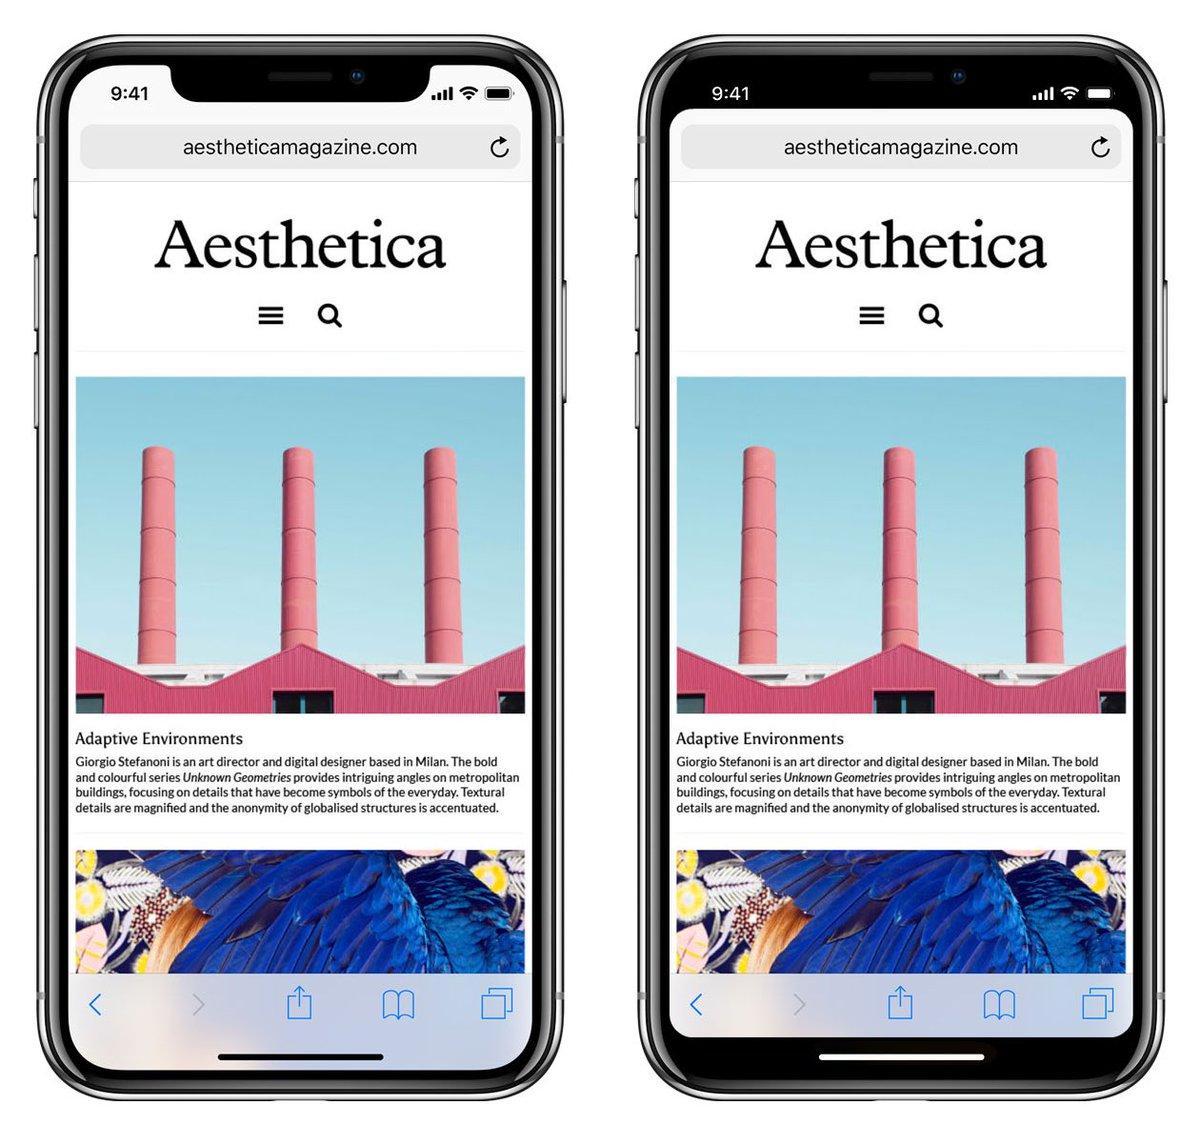 苹果强行要求所有开发者适配 iPhone X 的全面屏和刘海。决定从 4 月 18 日起执行,所有提交的新应用必须适配 https://t.co/0GJBcEiPYz 1